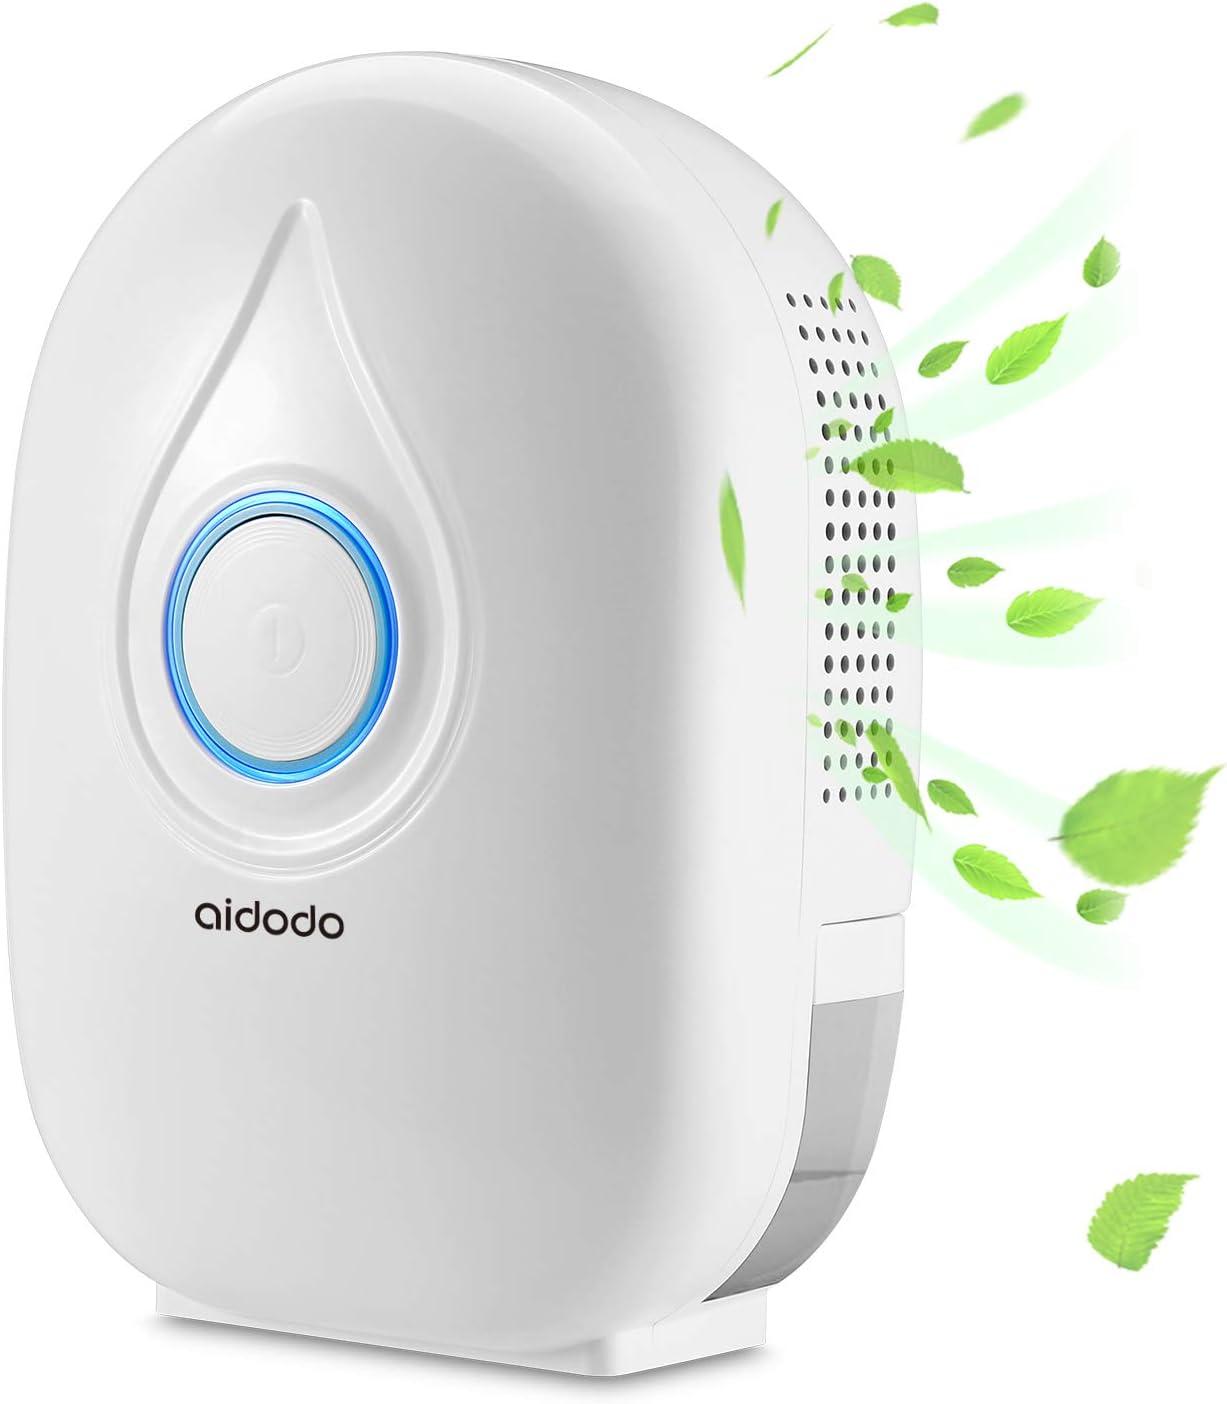 Aidodo Deshumidificador electrico Portátil 500ml Mini silencioso Deshumidificadores de Aire Compacto Inteligente Perfecto para Hogar Salón Habitación Oficina Blanco